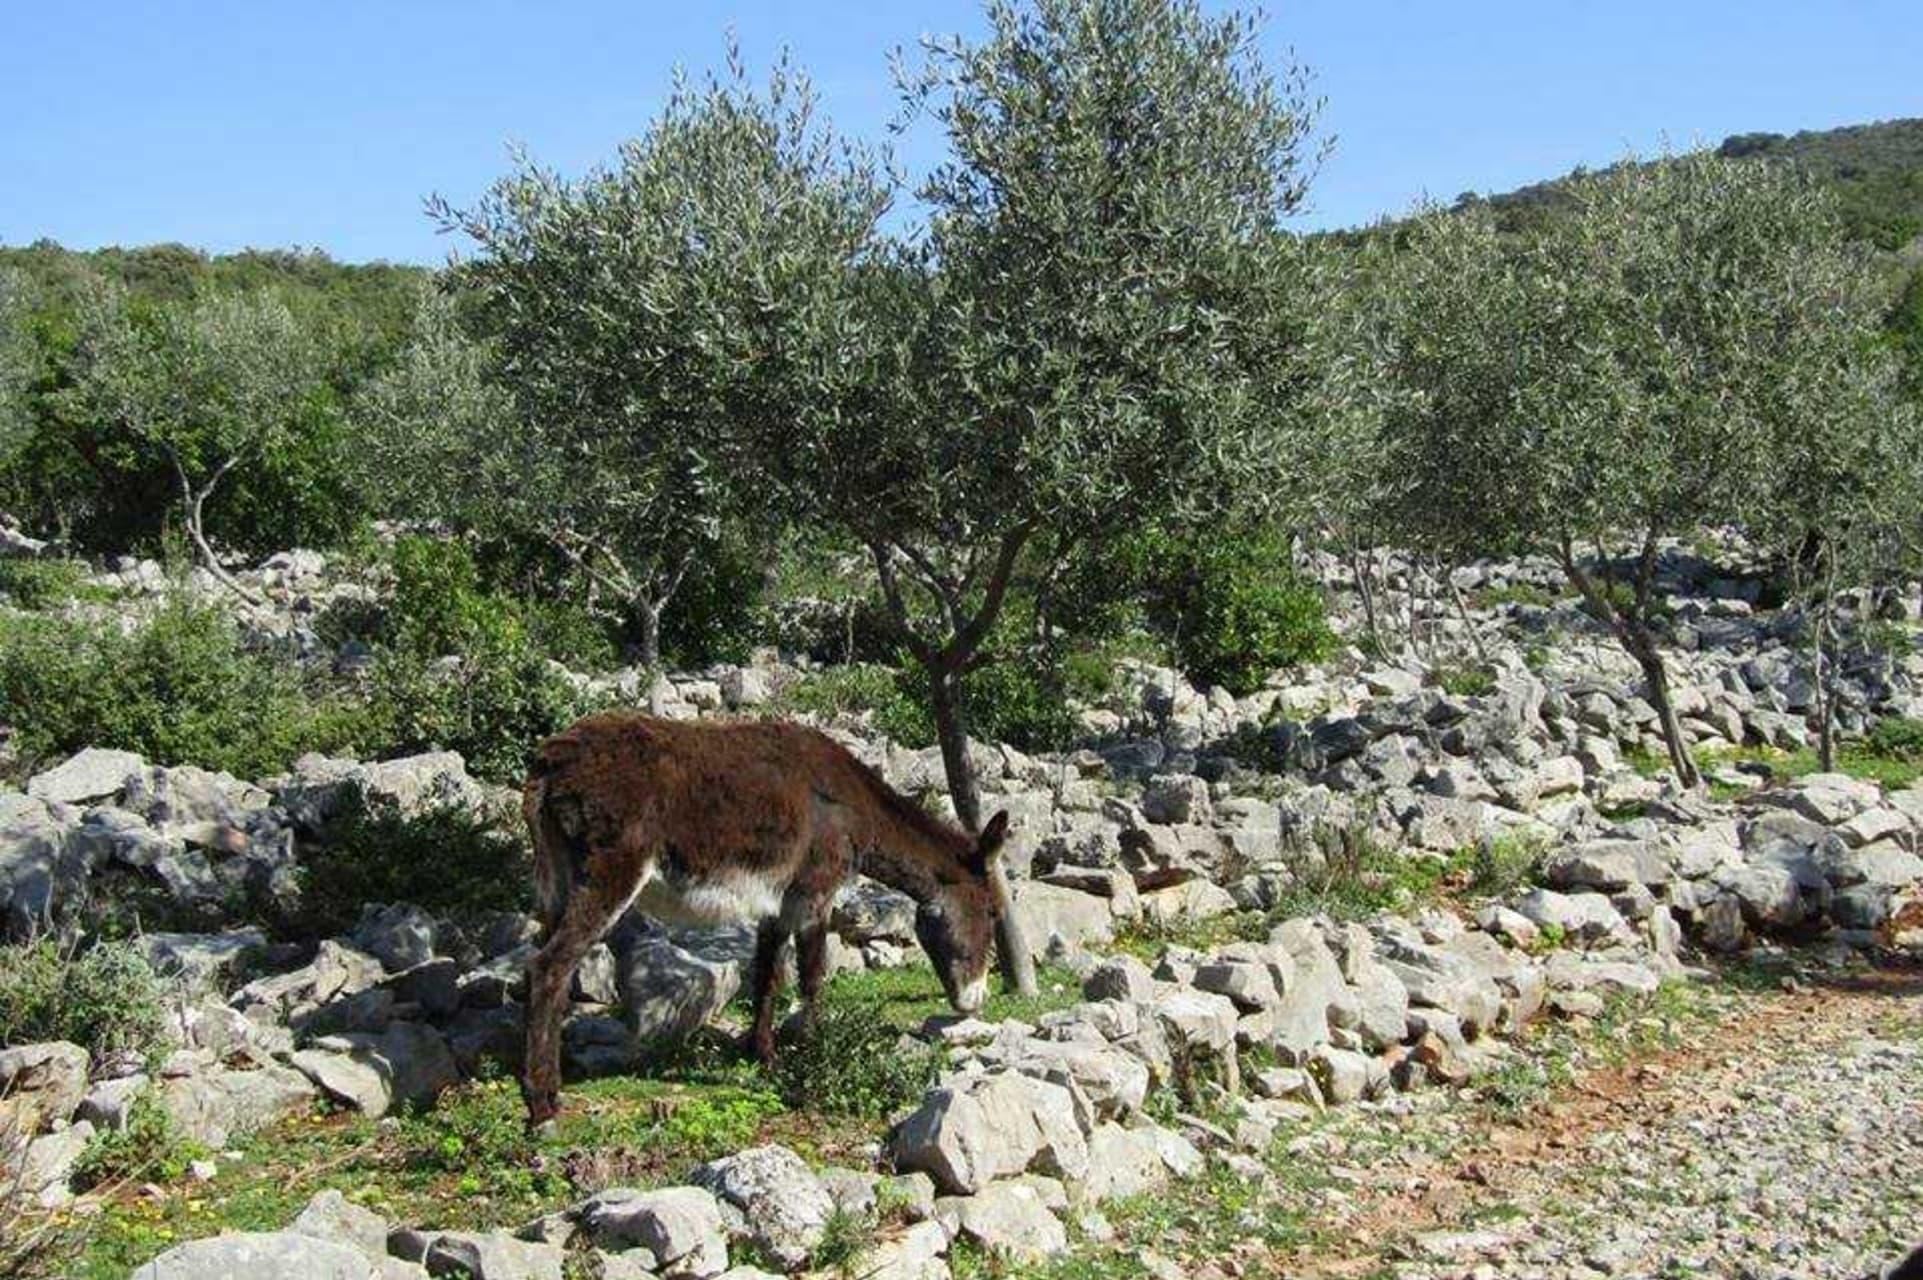 Kotor - Secrets Of Fresh, Organic Olive Oil Revealed At Montenegro's Moric Family Farm